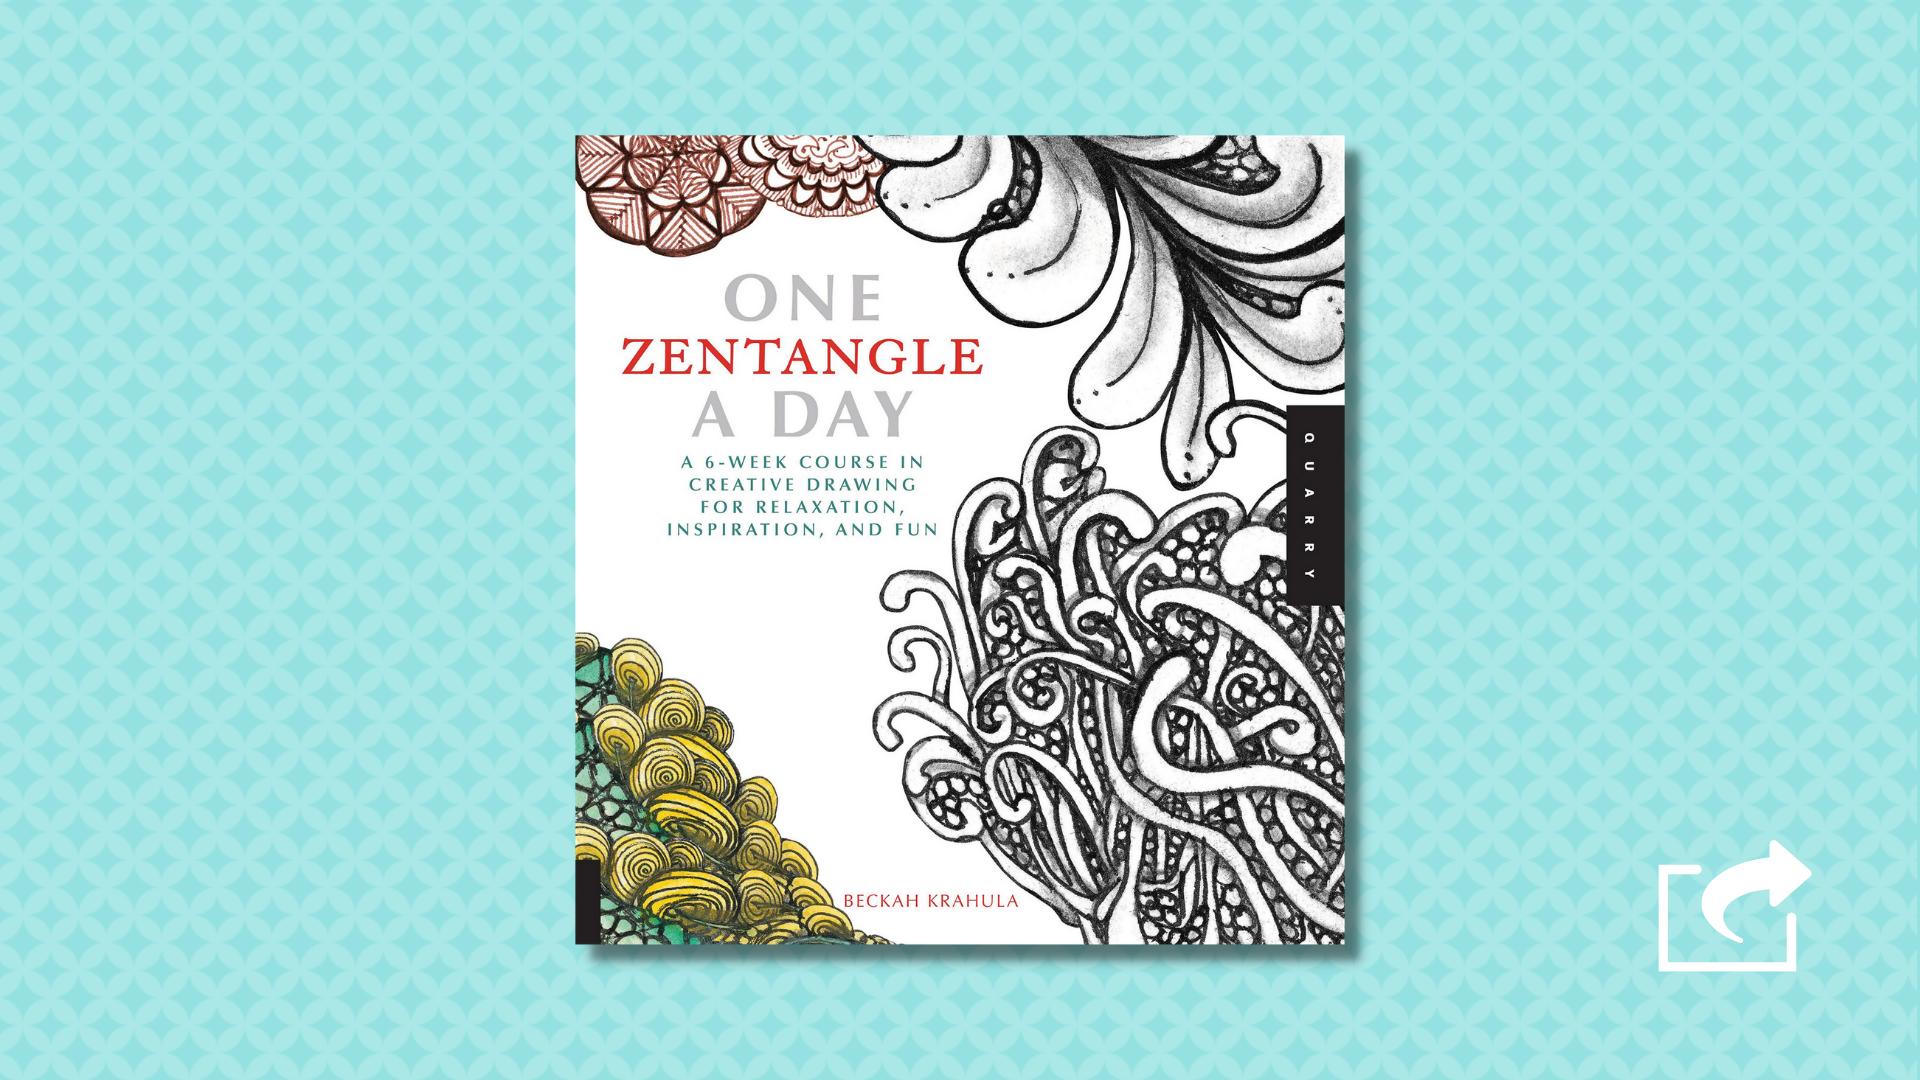 Open One Zentangle playlist on YouTube